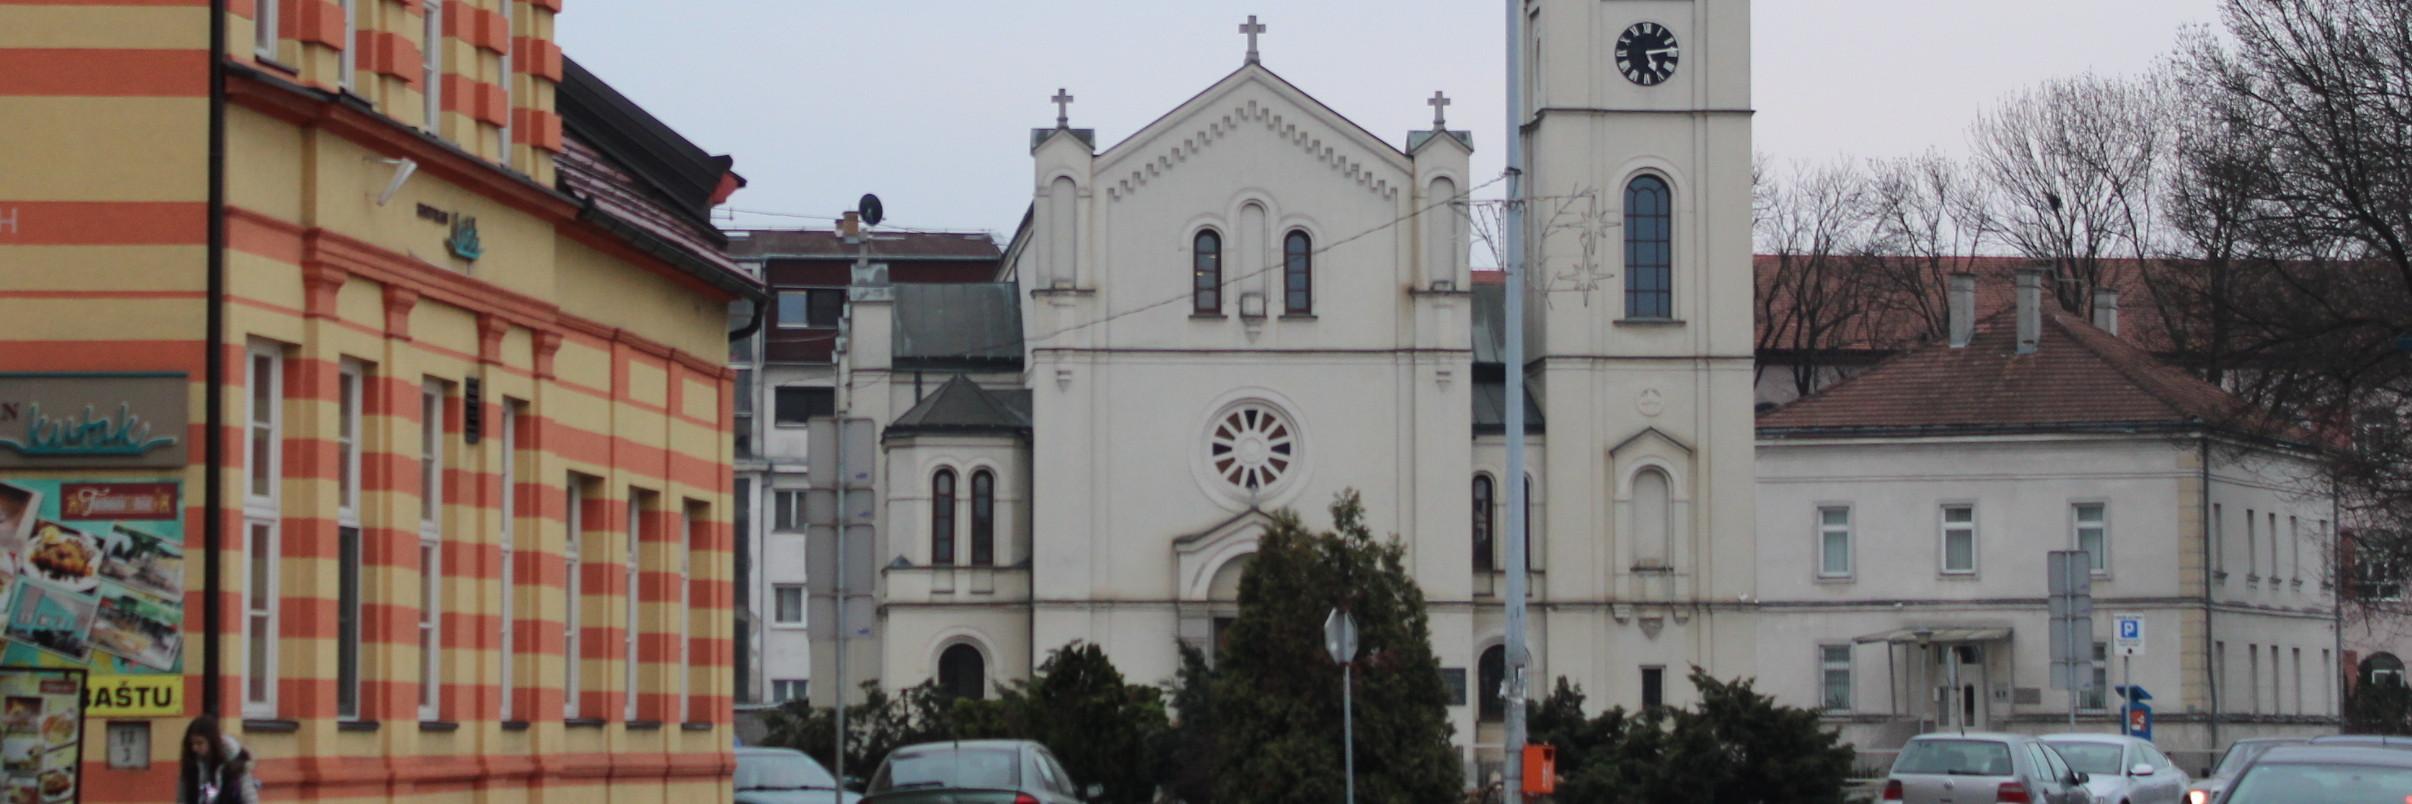 Церковь Святейшего Сердца Иисуса в Брчко